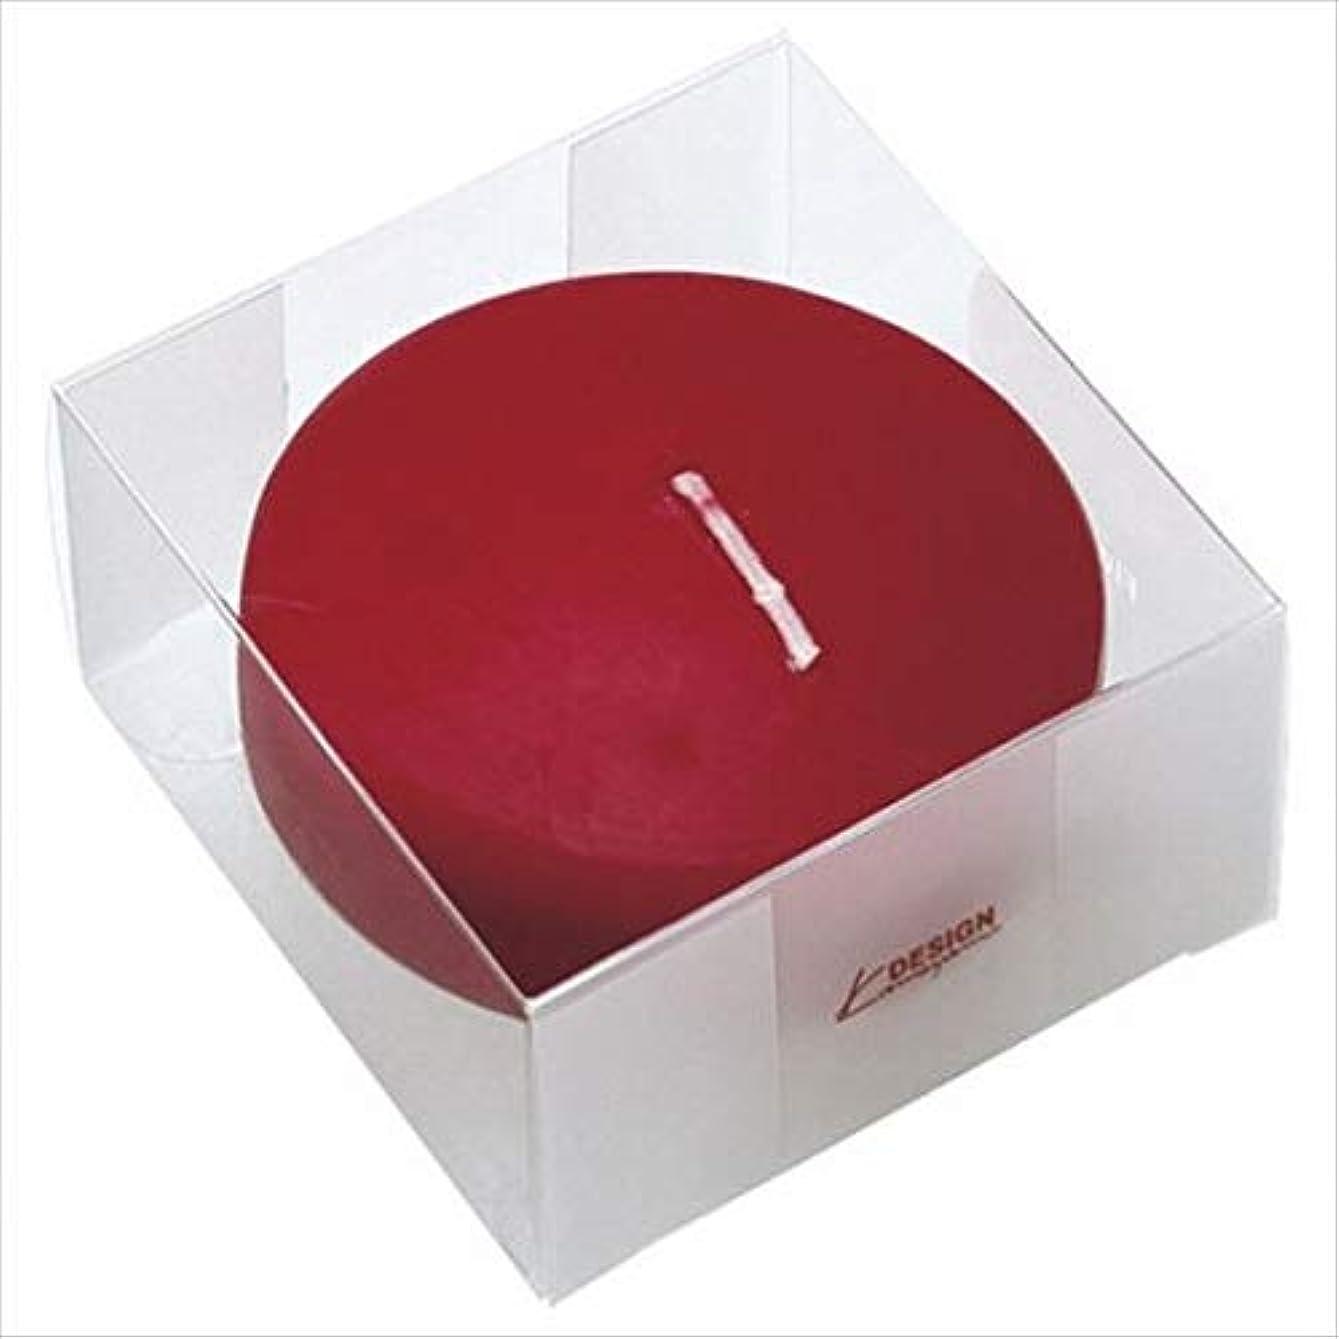 カメヤマキャンドル(kameyama candle) プール80 (箱入り) 「 ワインレッド 」 キャンドル 6個セット